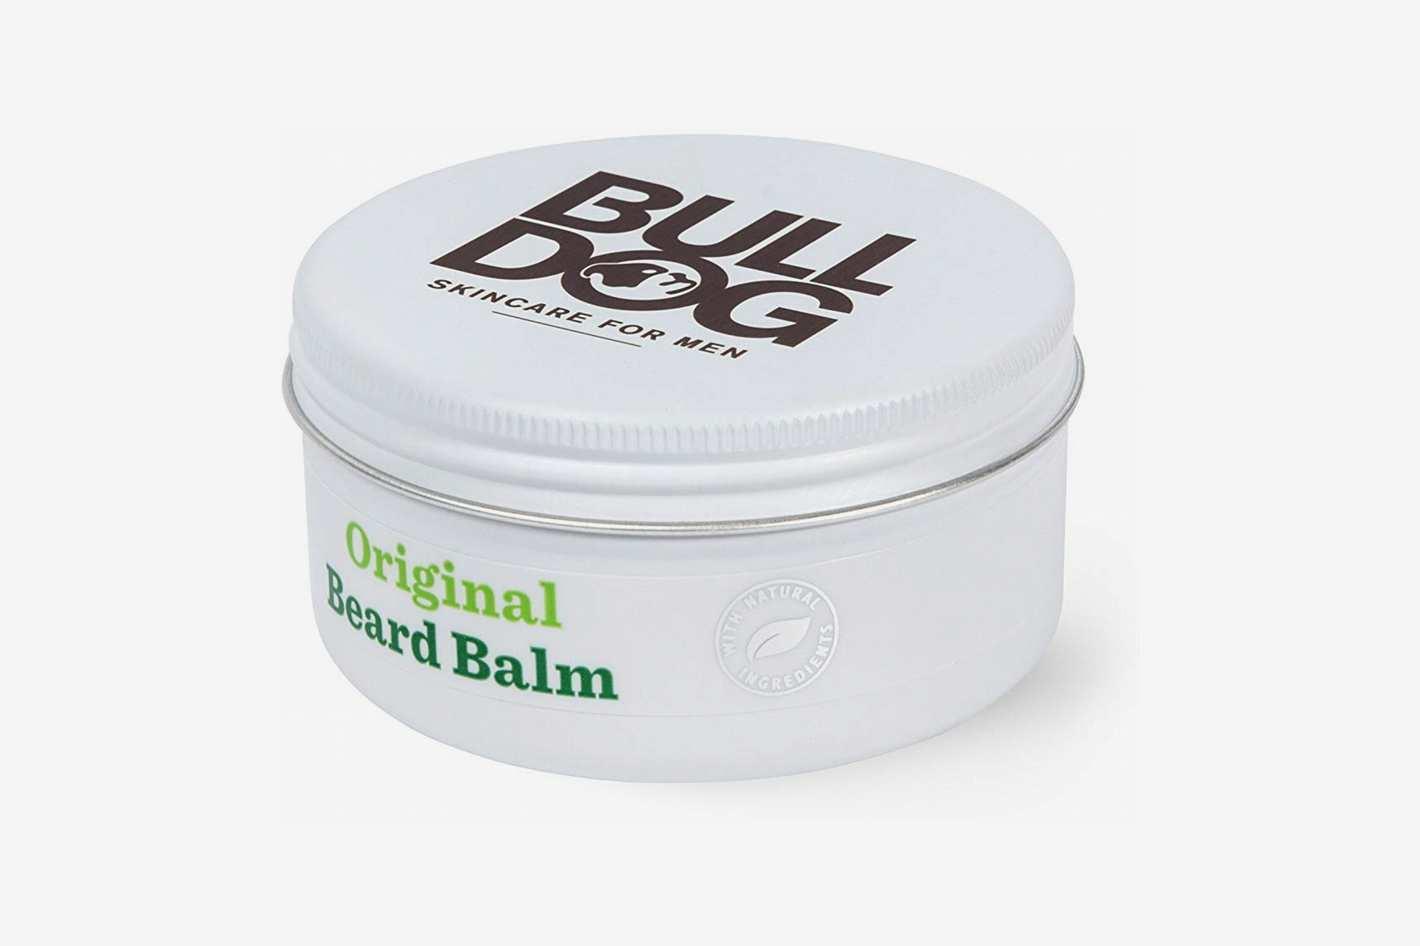 Bulldog Skincare and Grooming For Men Original Beard Balm